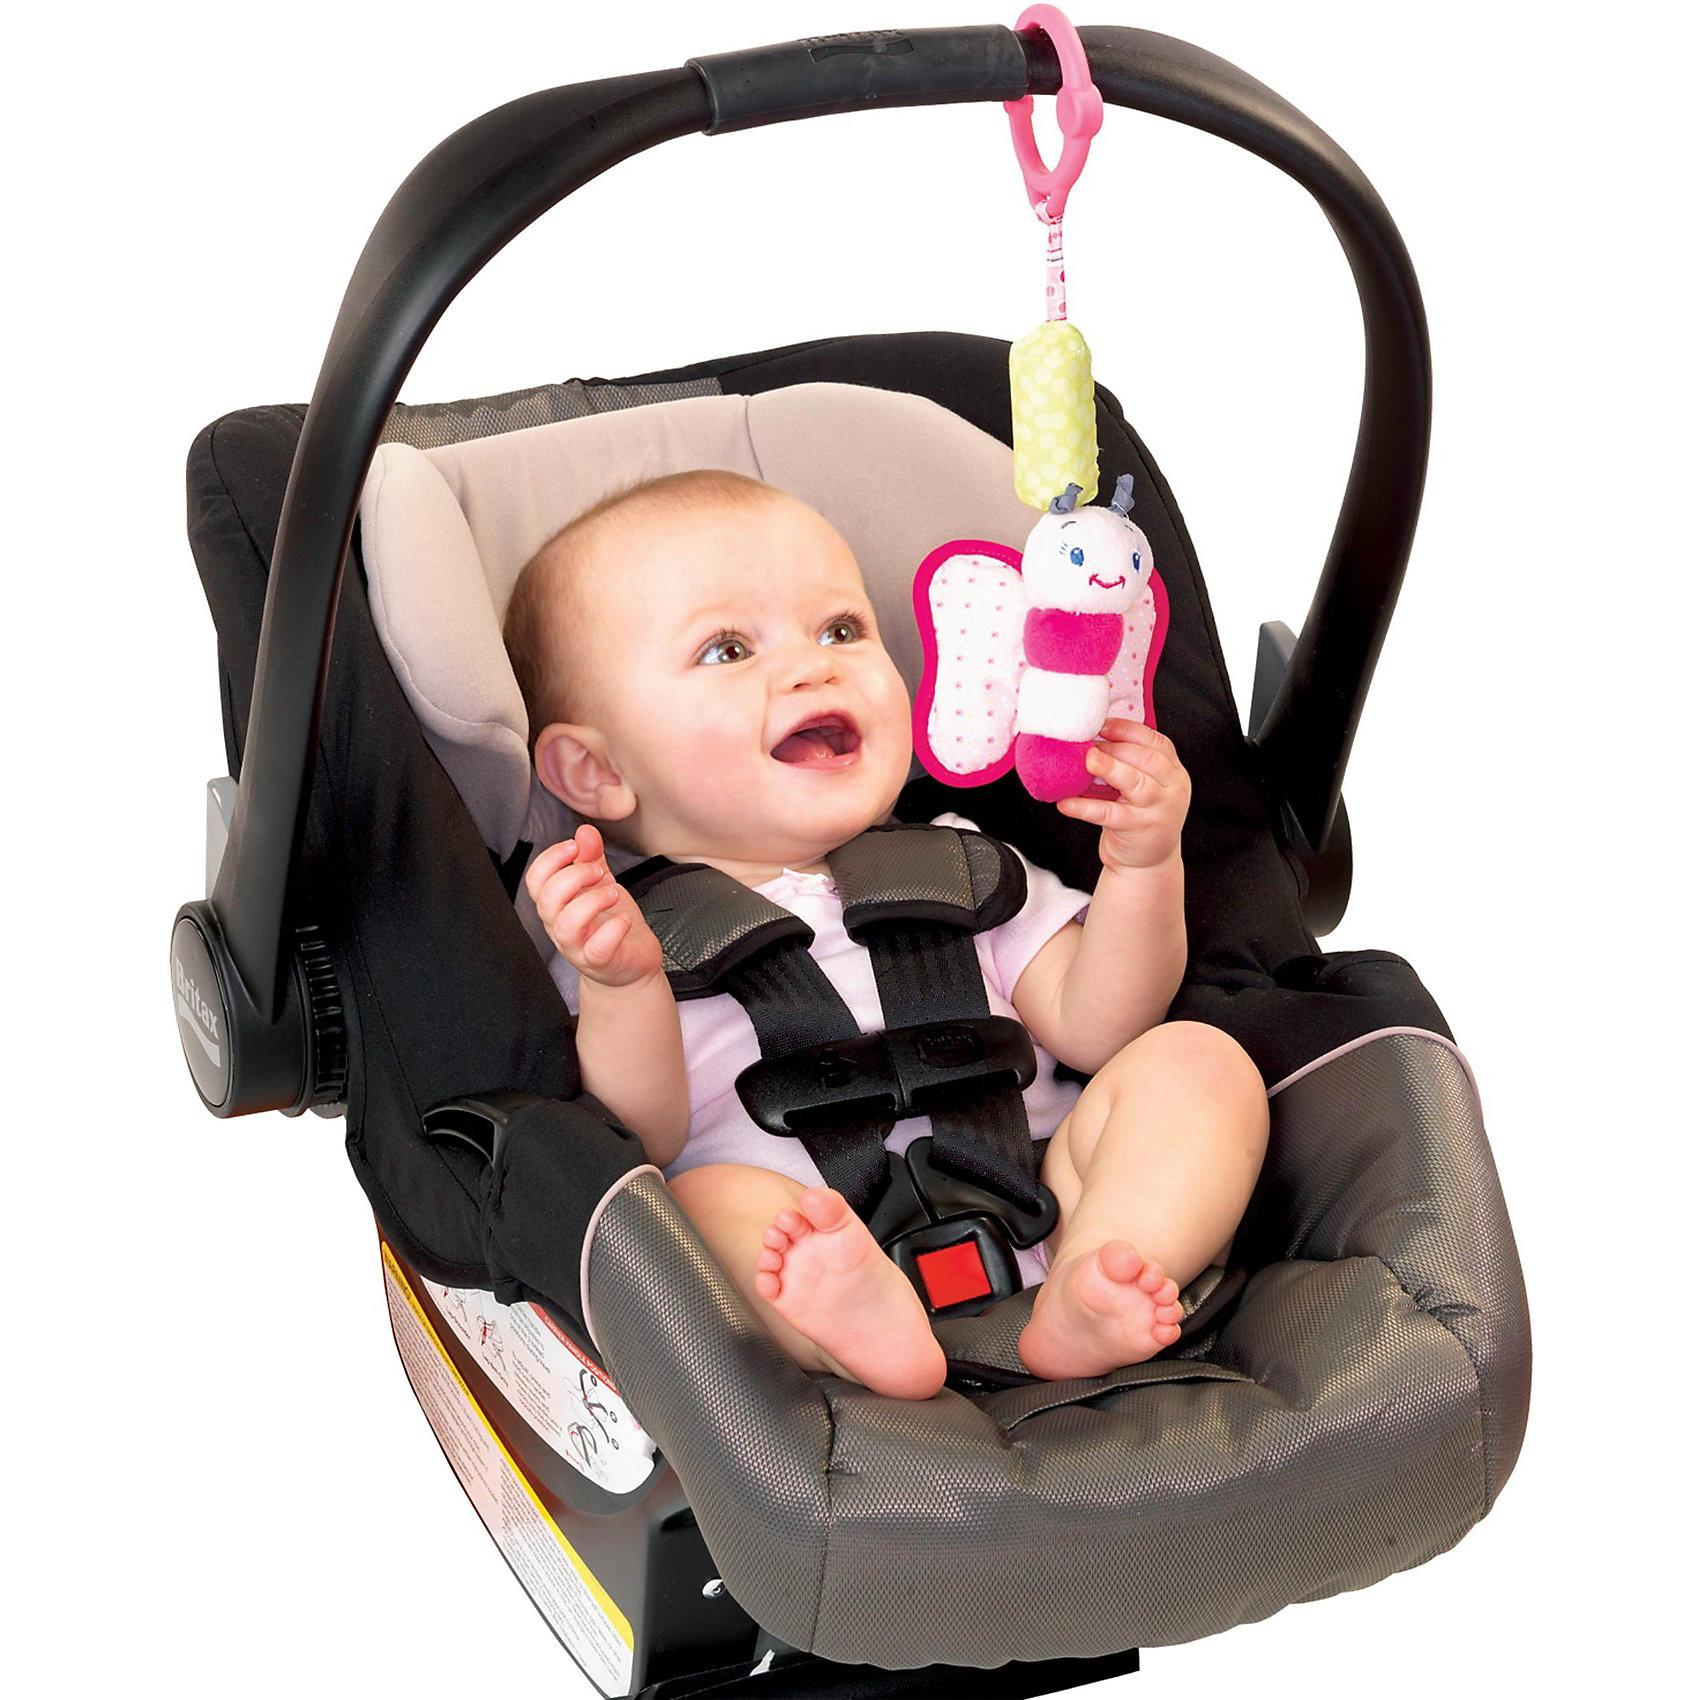 Развивающая игрушка  Бабочка, Bright StartsРазвивающая игрушка «Звонкий дружок» в виде бабочки станет прекрасным развлечением малыша, а также великолепным вкладом в его развитие. Игрушка предназначена для детей возраста от 0 до 1 года.<br>Модель оснащена веселыми, звенящими колокольчиками, которые станут забавными друзьями для Вашего любимого малыша. Яркие герои с разными текстурами поднимут настроение любому ребенку. К тому же их можно очень легко брать, благодаря удобной форме. Развивающая игрушка с легкостью крепится на кроватке, коляске или на ручке автокресла. То есть игрушка всегда будет рядом с ребенком. Благодаря маленьким размерам модель легко помещается даже в самую маленькую ручку.<br><br>Дополнительная информация:<br><br>- материал: пластмасса, текстиль<br>- размеры игрушки: 8х6х28 см.<br>- размеры коробки: 9х6х26 см.<br><br>Развивающую игрушку  Бабочка можно купить в нашем интернет магазине.<br><br>Ширина мм: 150<br>Глубина мм: 260<br>Высота мм: 90<br>Вес г: 65<br>Возраст от месяцев: 0<br>Возраст до месяцев: 24<br>Пол: Унисекс<br>Возраст: Детский<br>SKU: 3345351